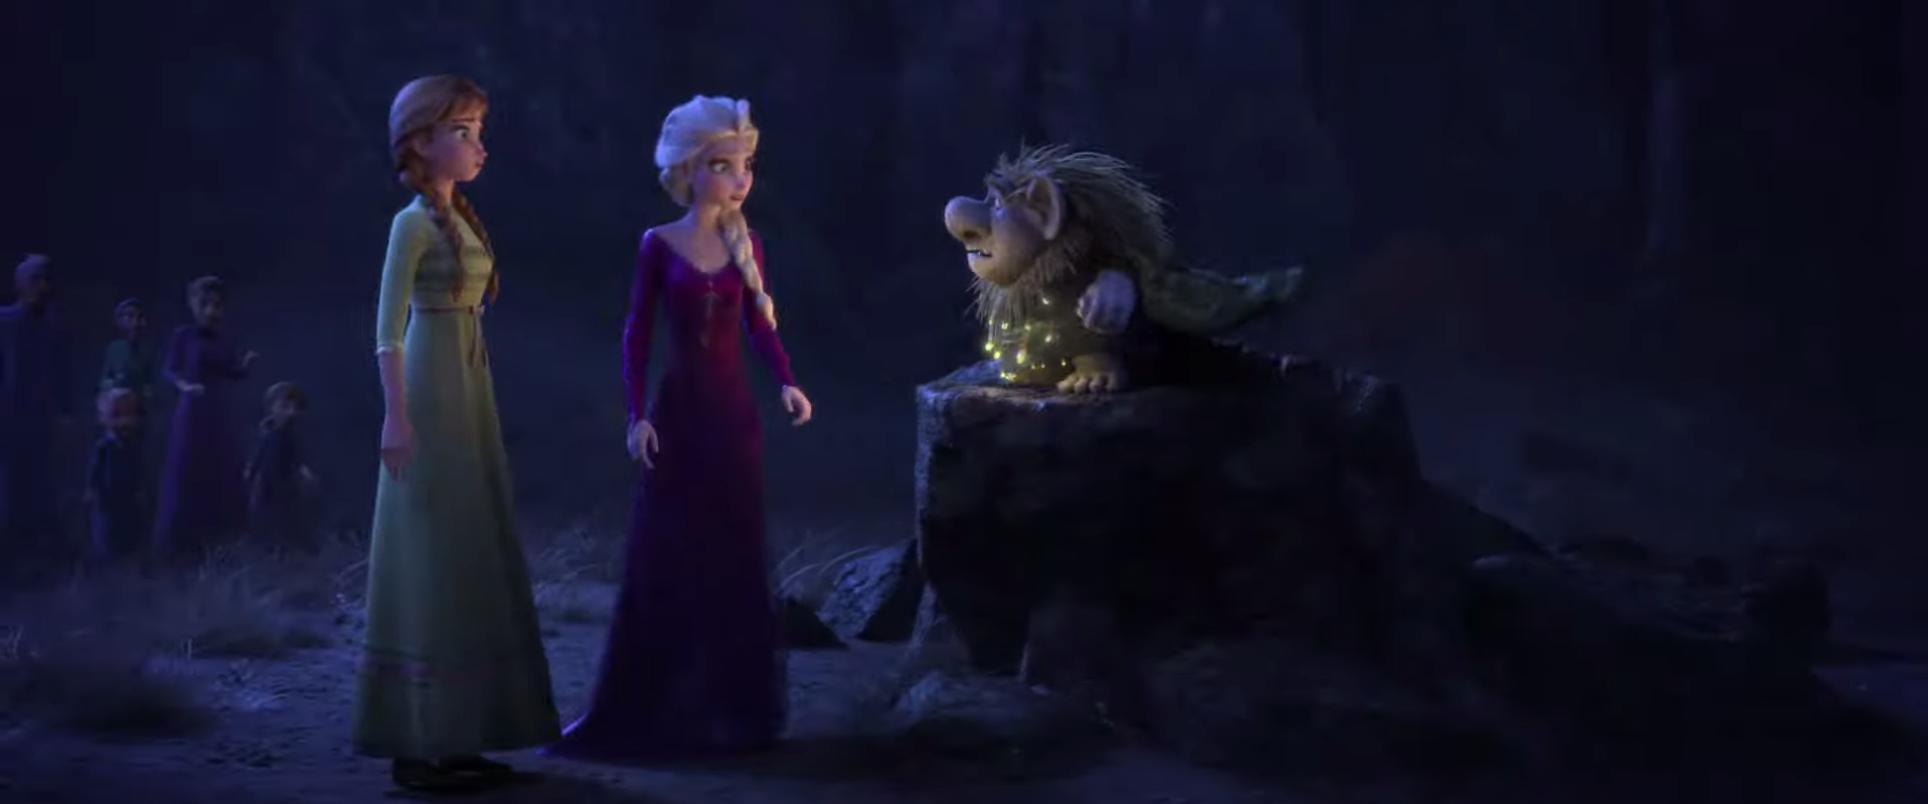 Frozen 2 tung trailer hoành tráng chẳng khác nào phim siêu anh hùng - Ảnh 3.